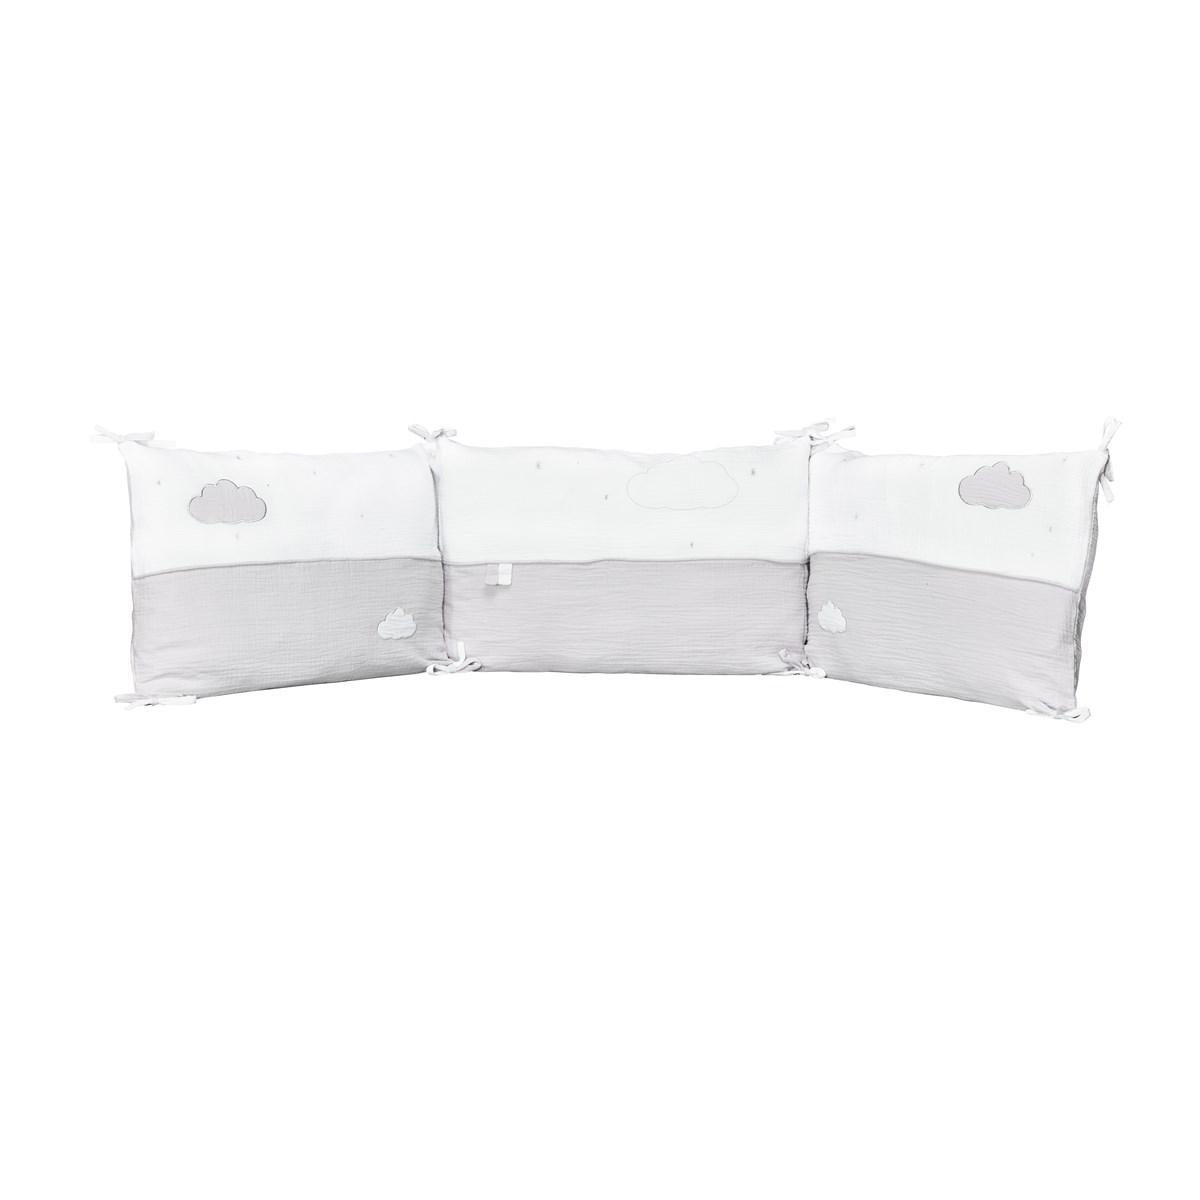 Tour de lit bébé en coton gris